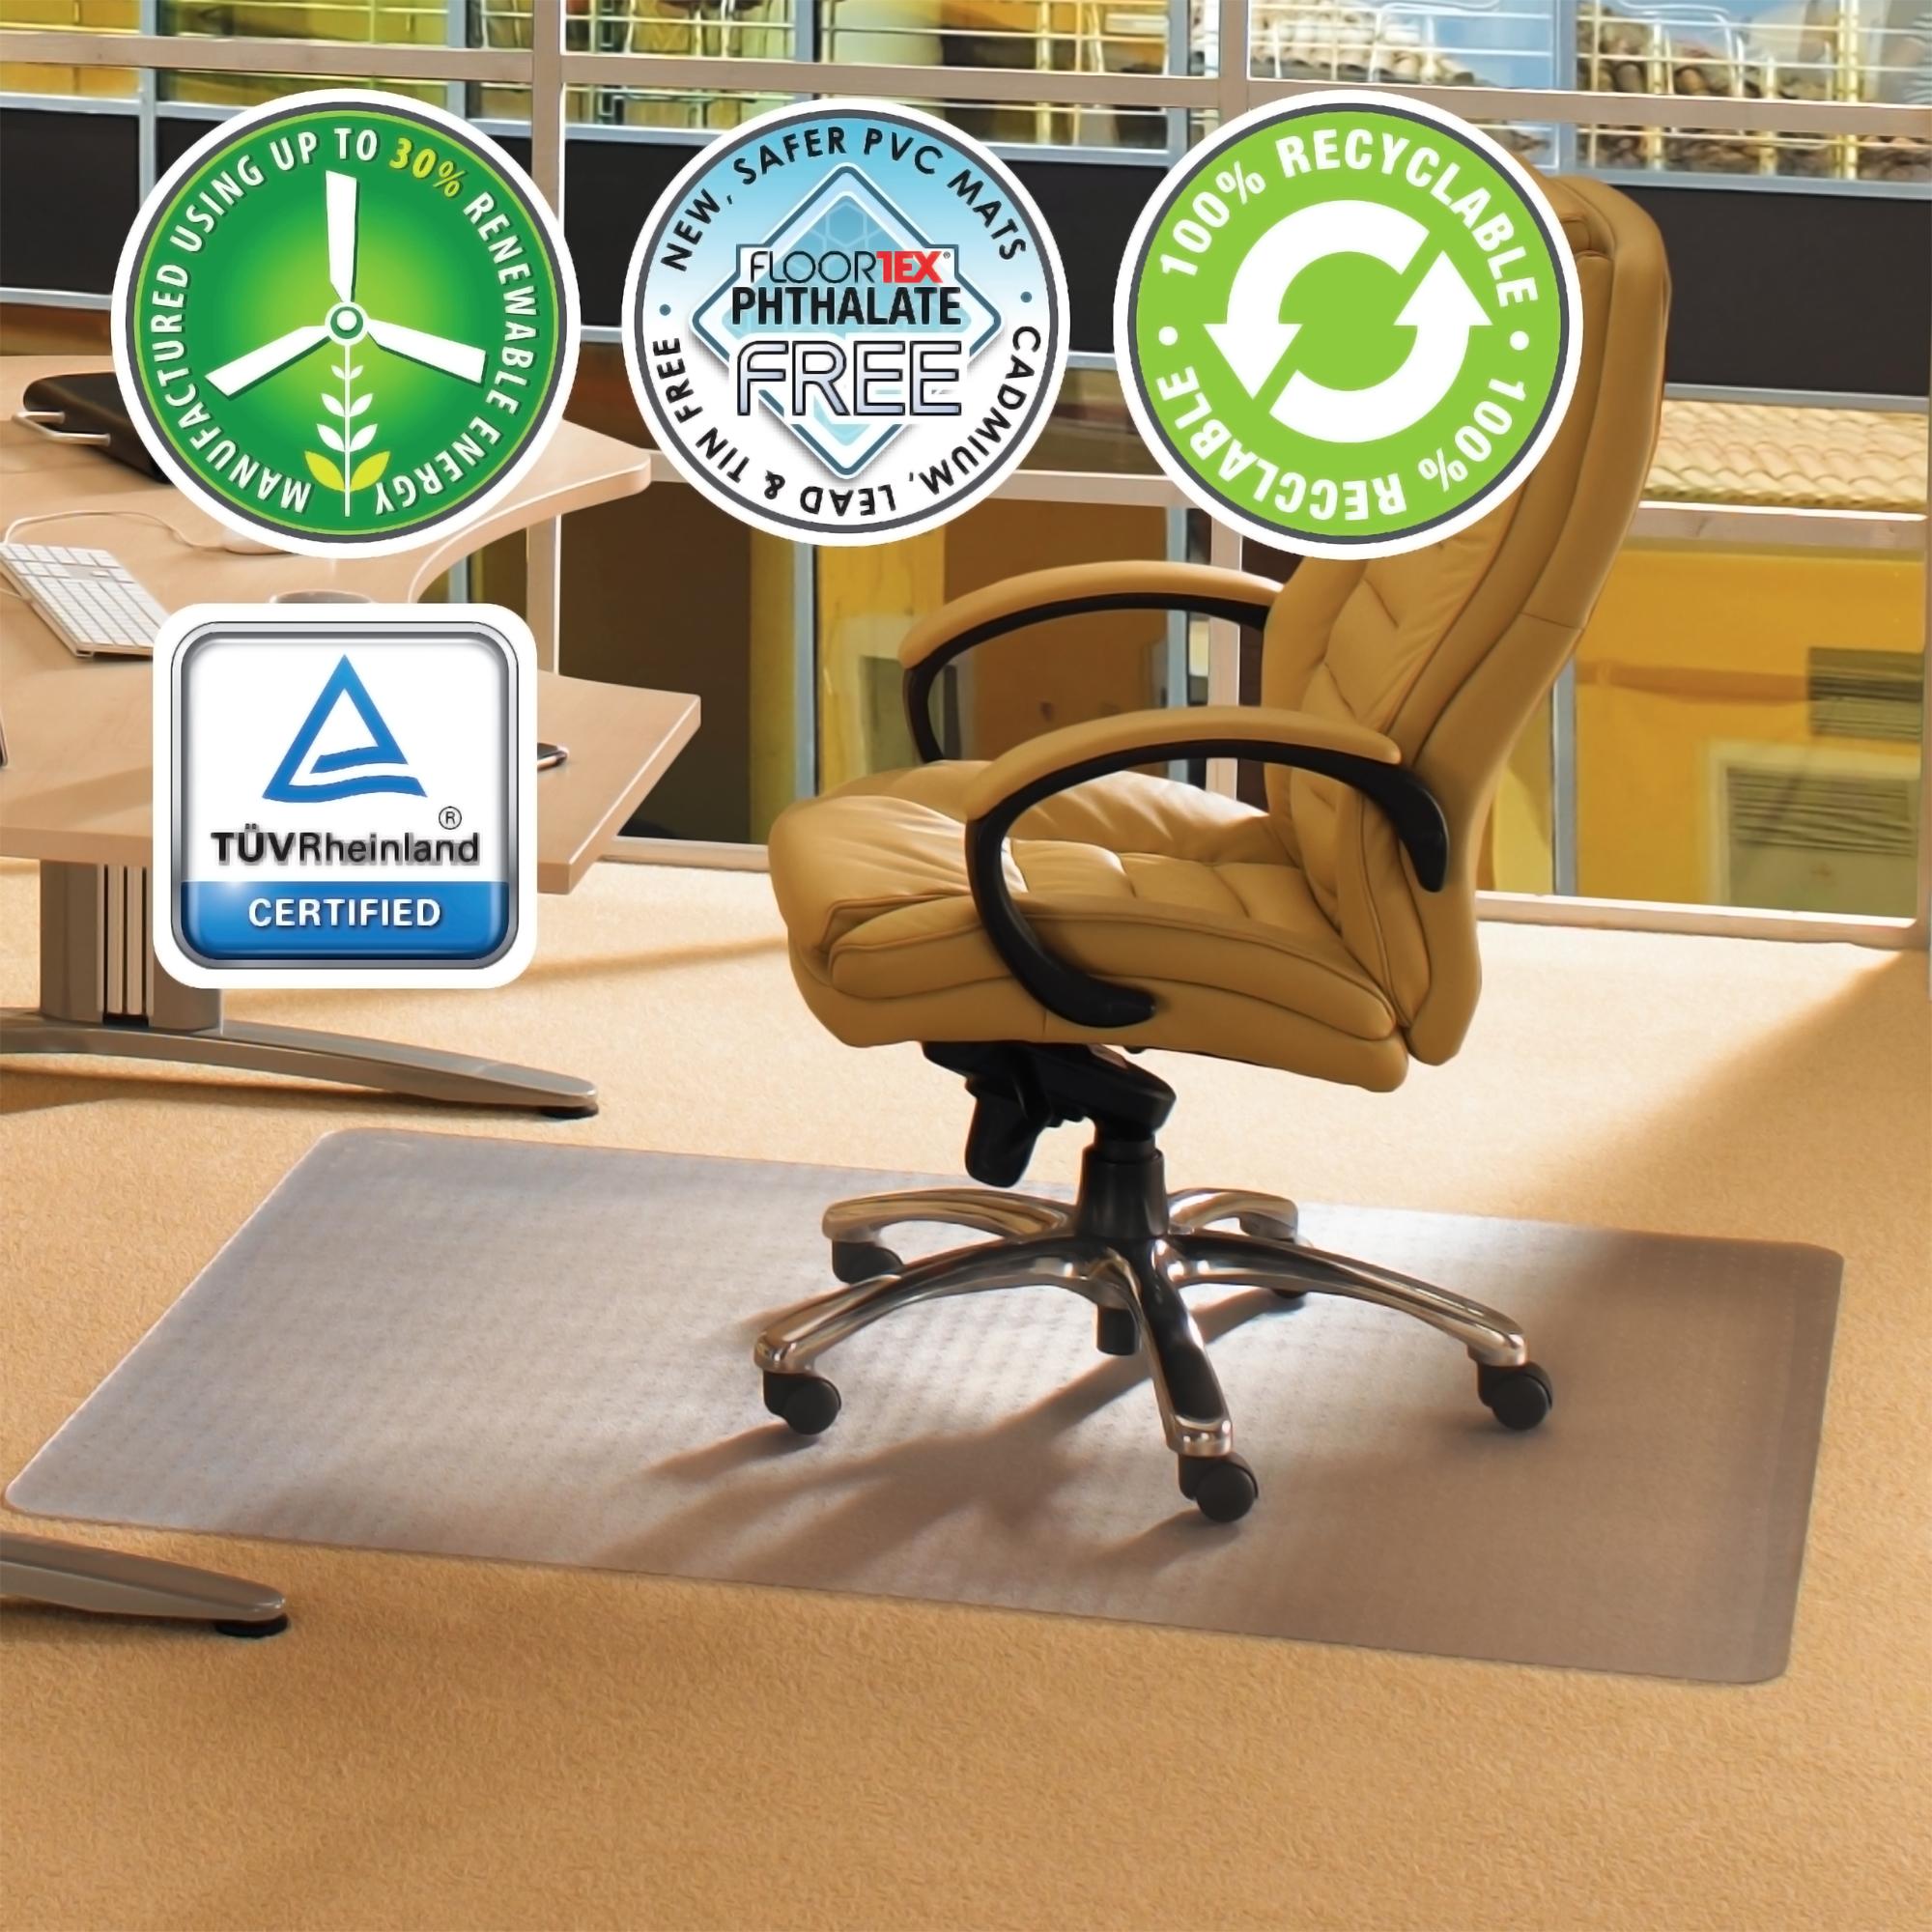 chair mats for carpet flex one folding cleartex advantagemat mat carpets 1 4 or less